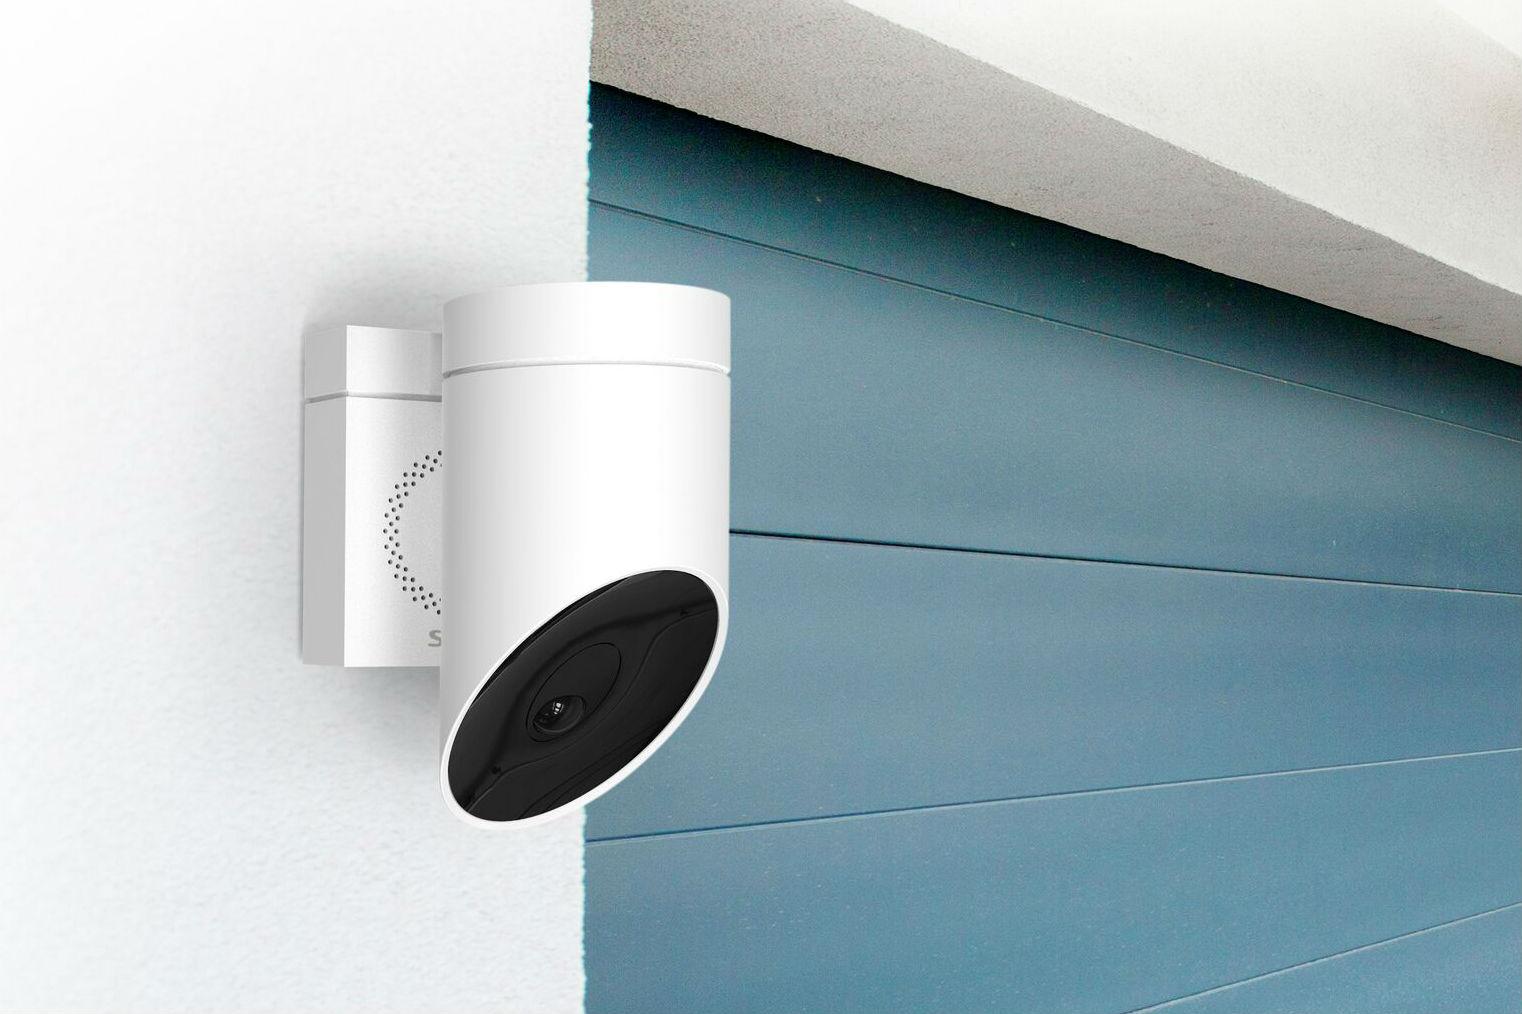 Ces front door security camera - Ces Front Door Security Camera 1